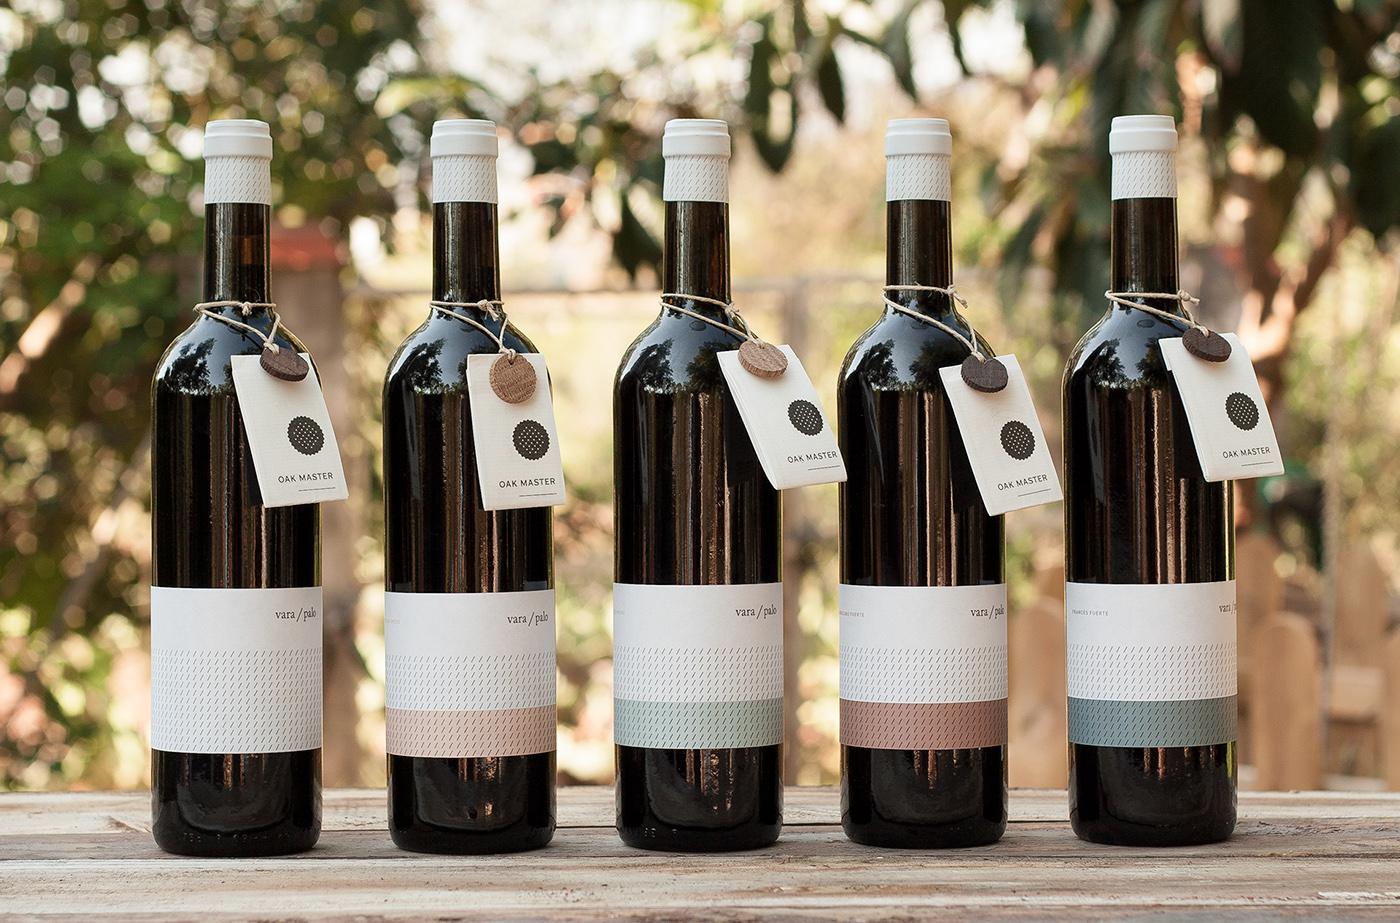 wine vino vara palo oak master grape Viña uva botella bottle brandsummit hot stamping manter Label etiqueta cork